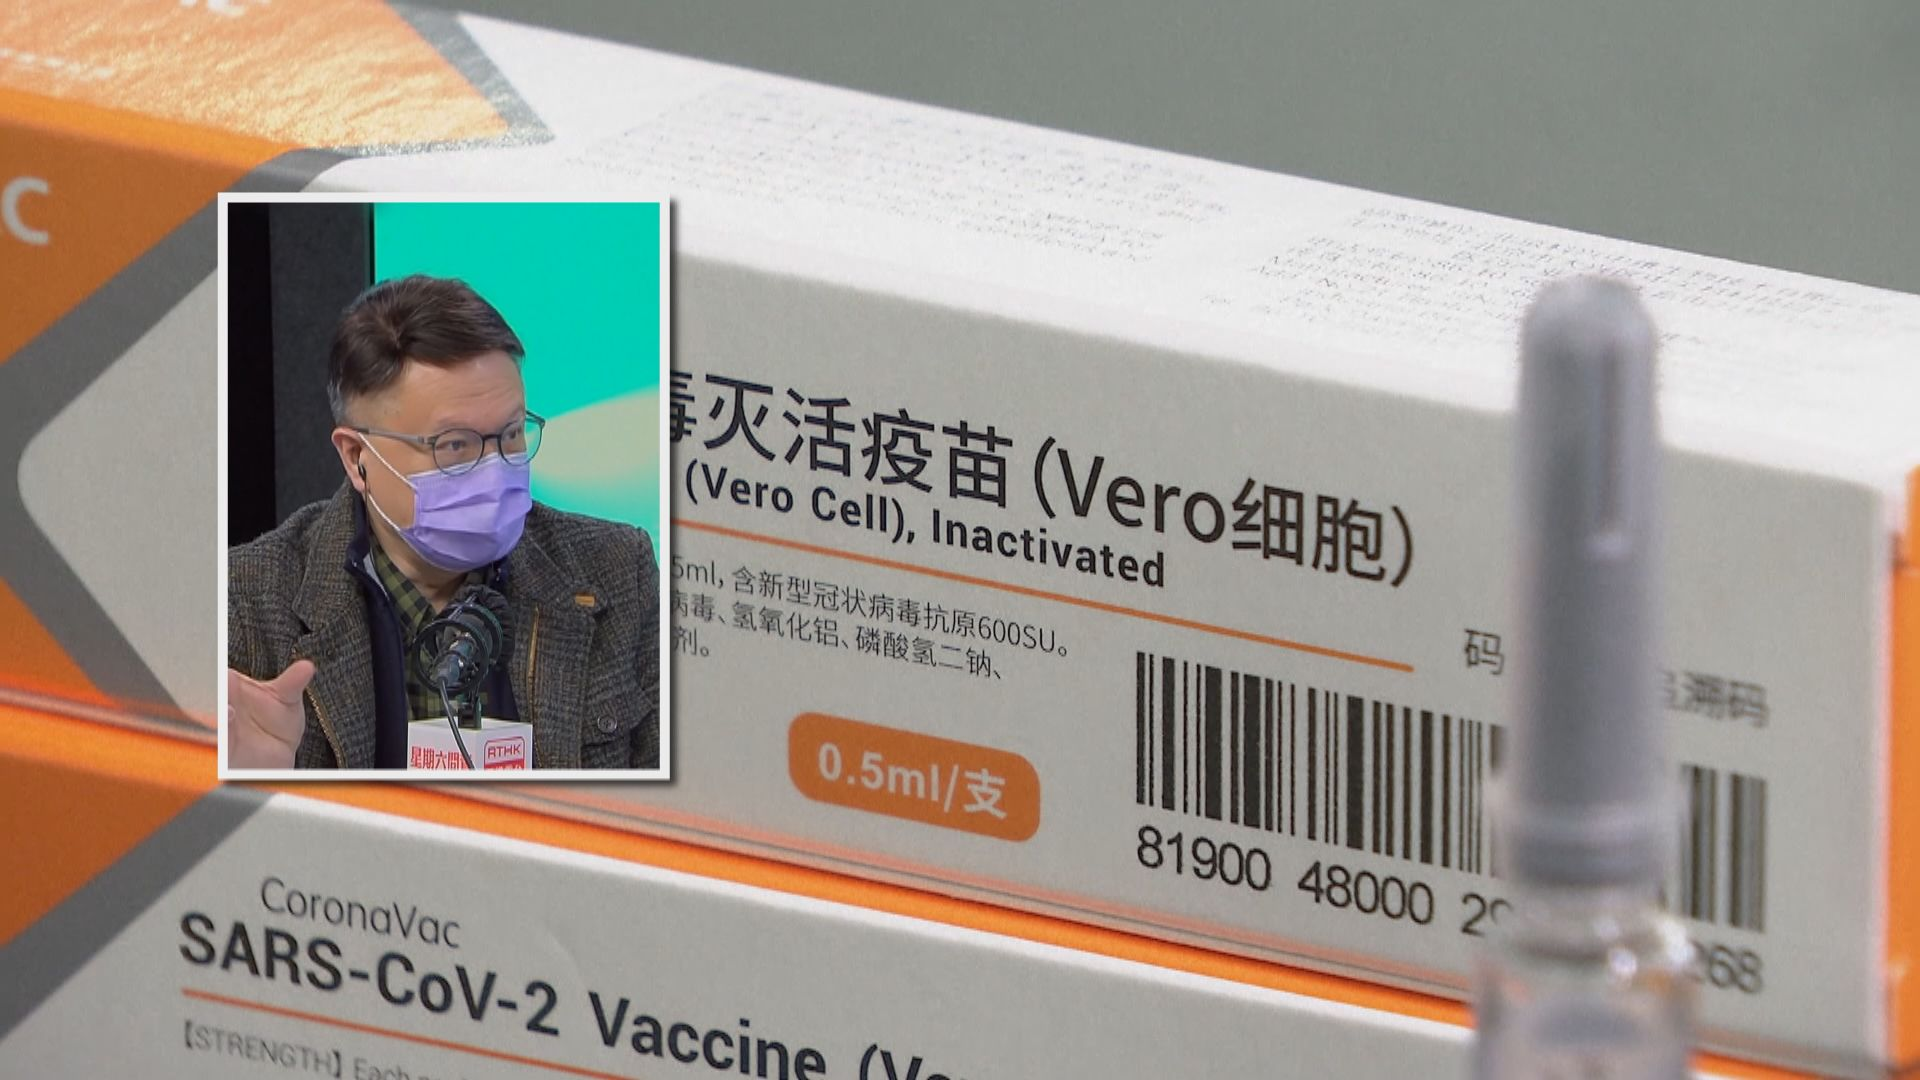 許樹昌:政府正考慮強制兩層密切接觸者留樣本檢測